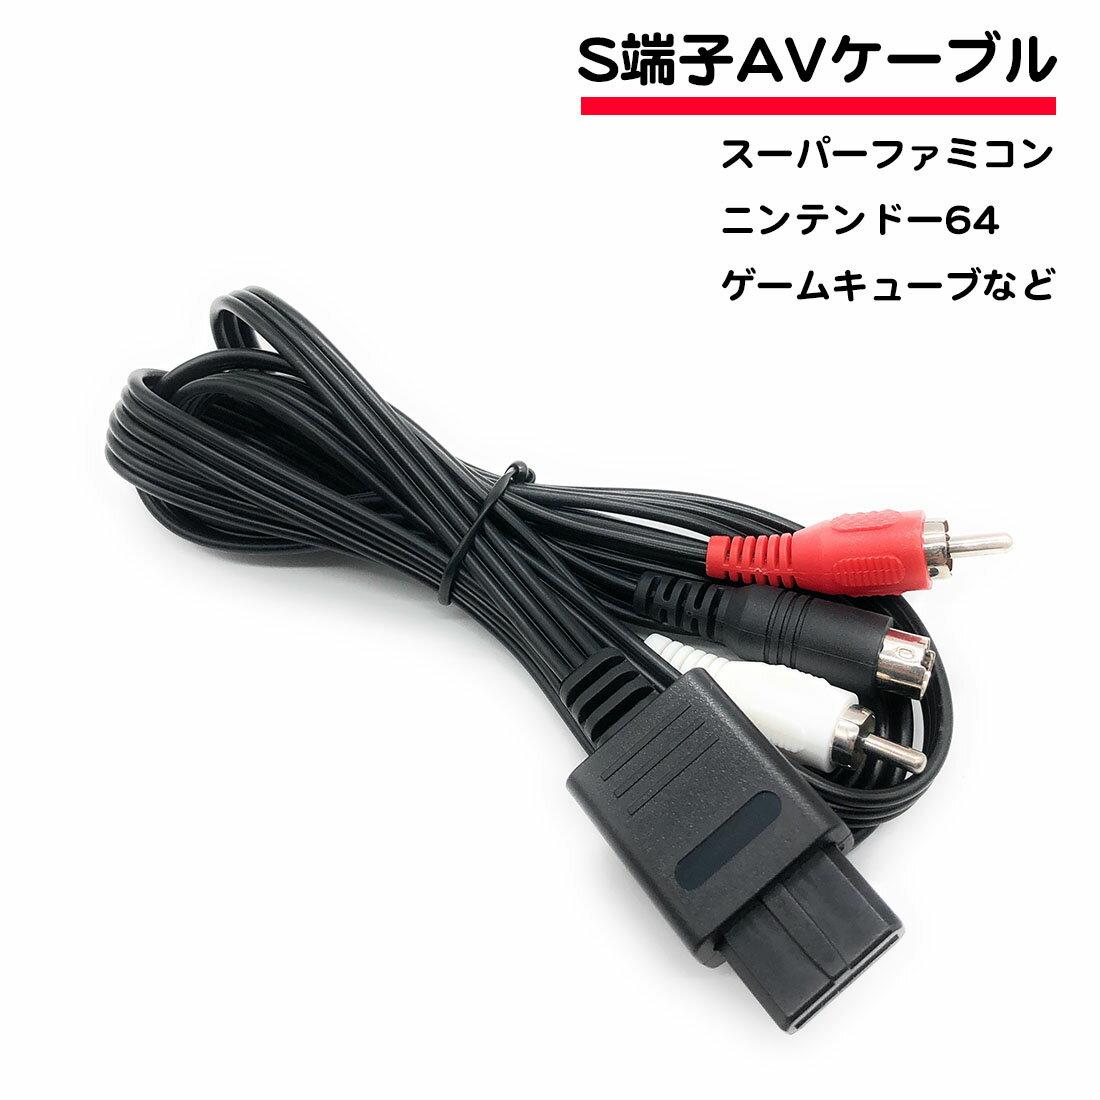 【追跡ゆうパケット送料無料】 S端子AVケーブル 接続ケーブル スーパーファミコン、ニンテンドウ64、ゲームキューブ対応